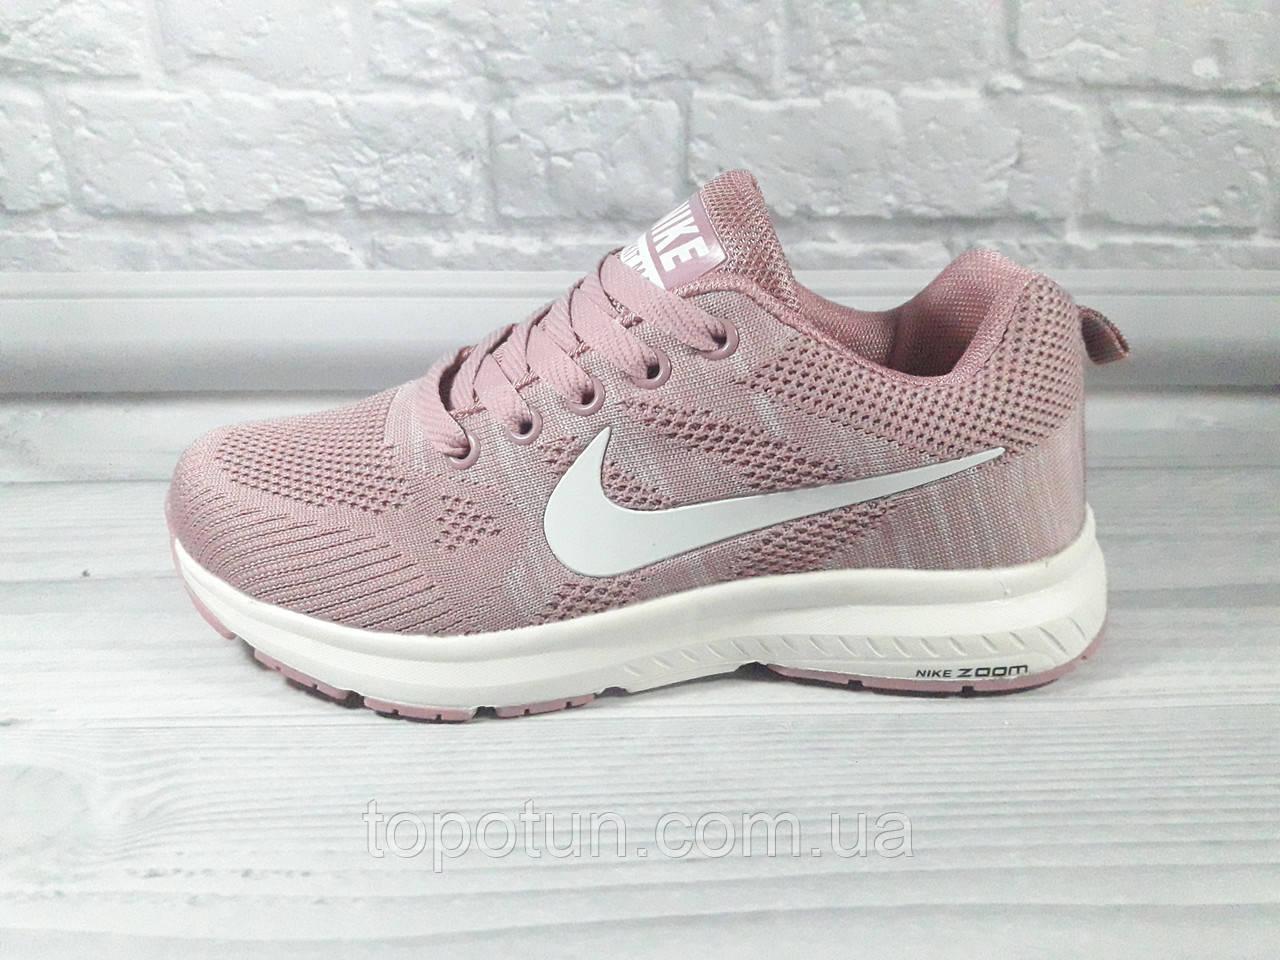 """Детские кроссовки для девочки """"Nike"""" Размер: 39,40,41"""